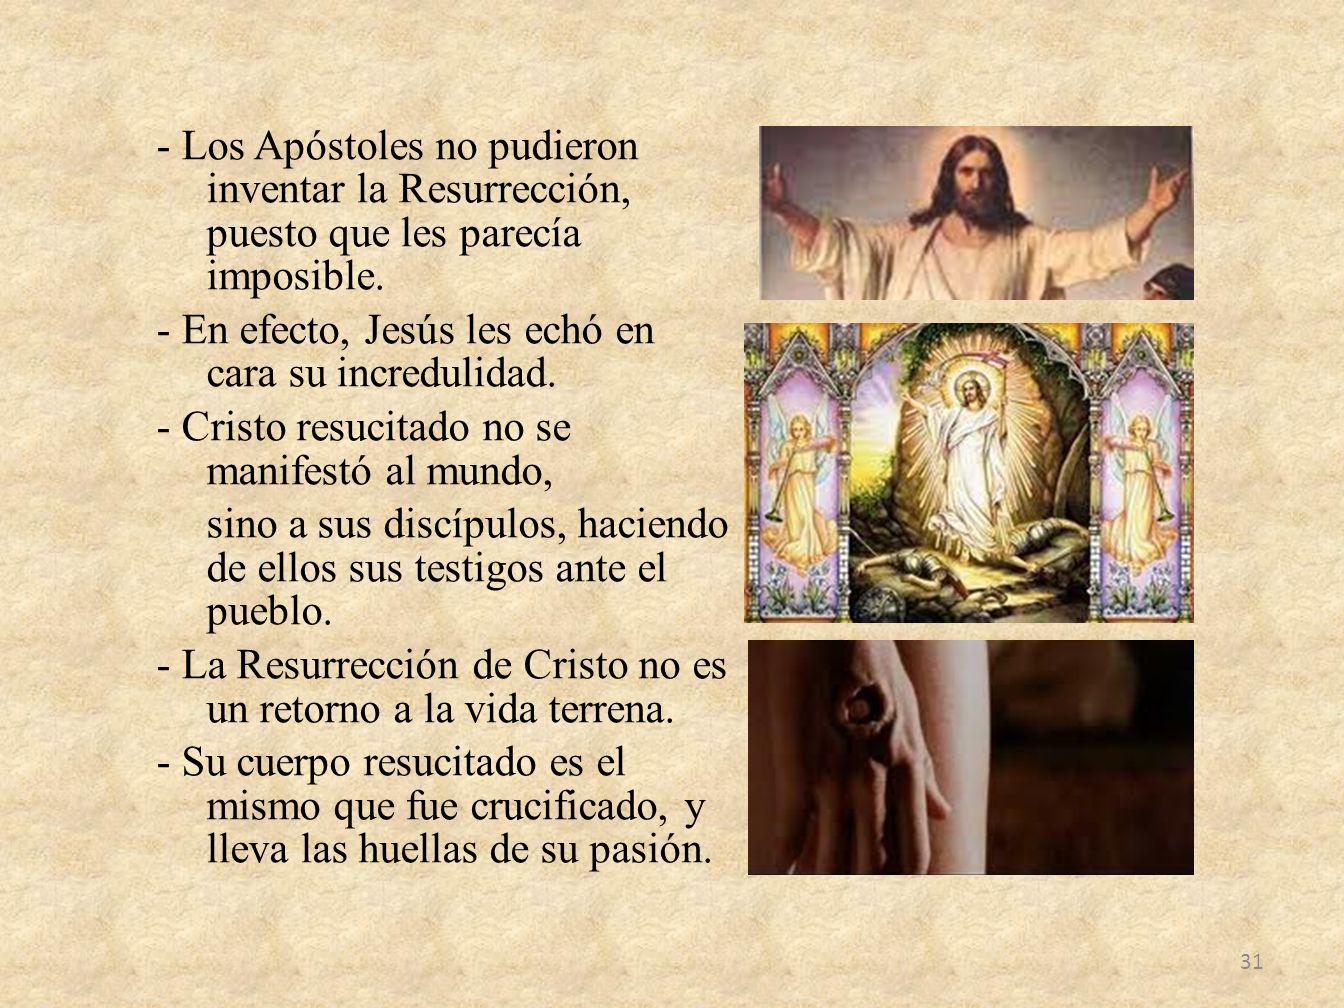 - Los Apóstoles no pudieron inventar la Resurrección, puesto que les parecía imposible.